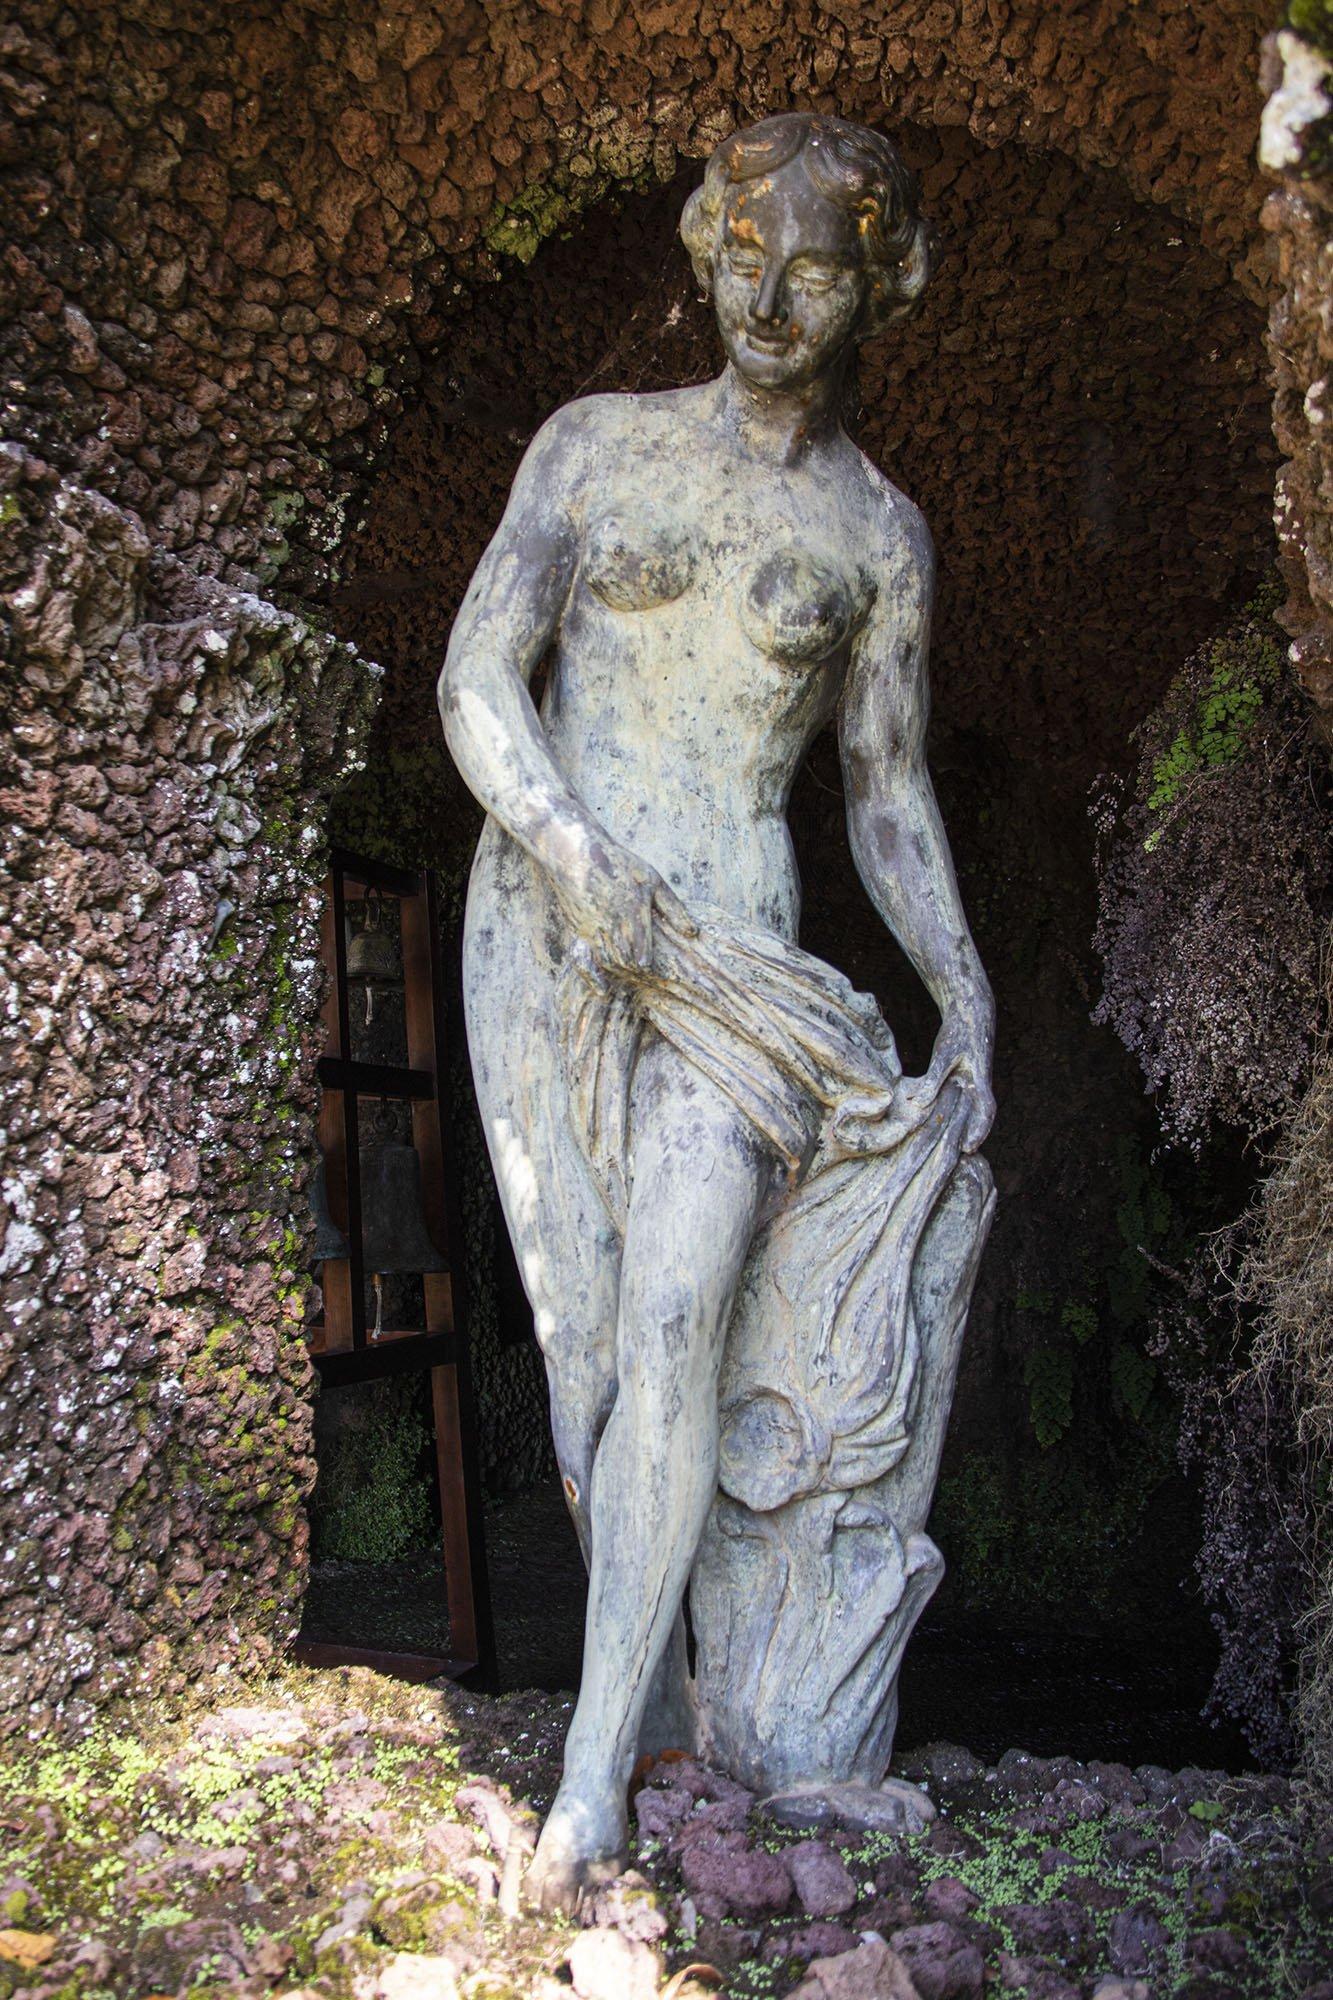 Statue in a Niche 2